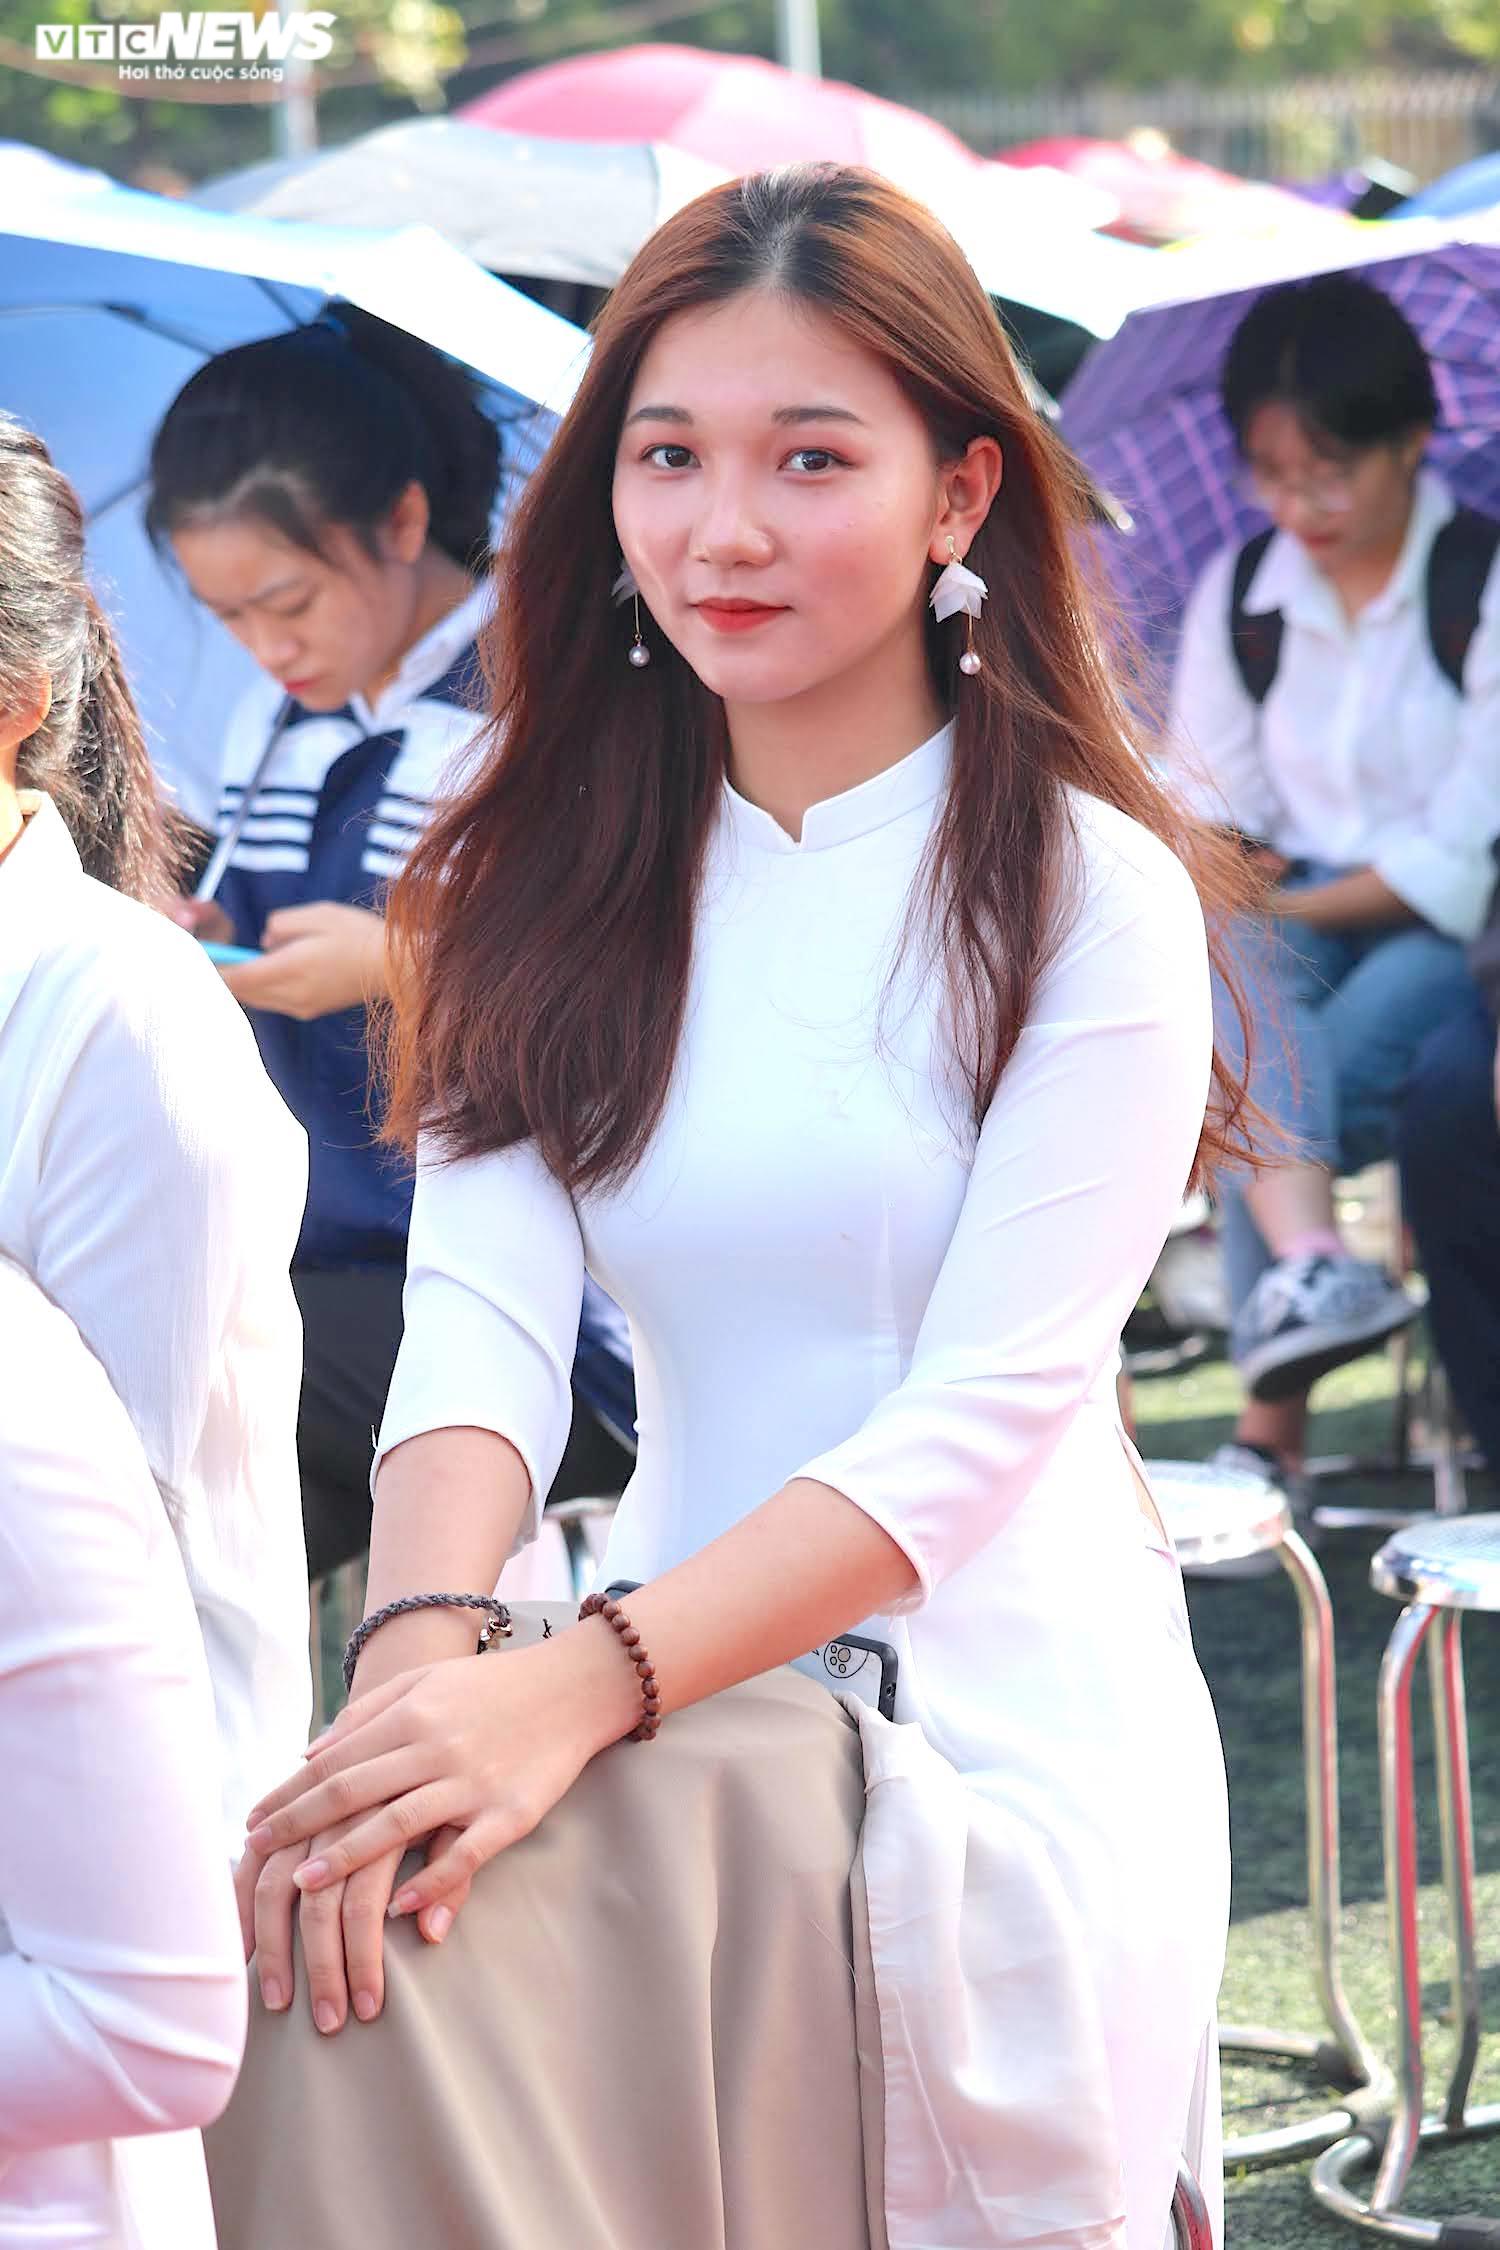 Hút hồn vẻ đẹp nữ sinh Đại học Sư phạm Hà Nội trong tà áo dài ngày khai giảng - 3